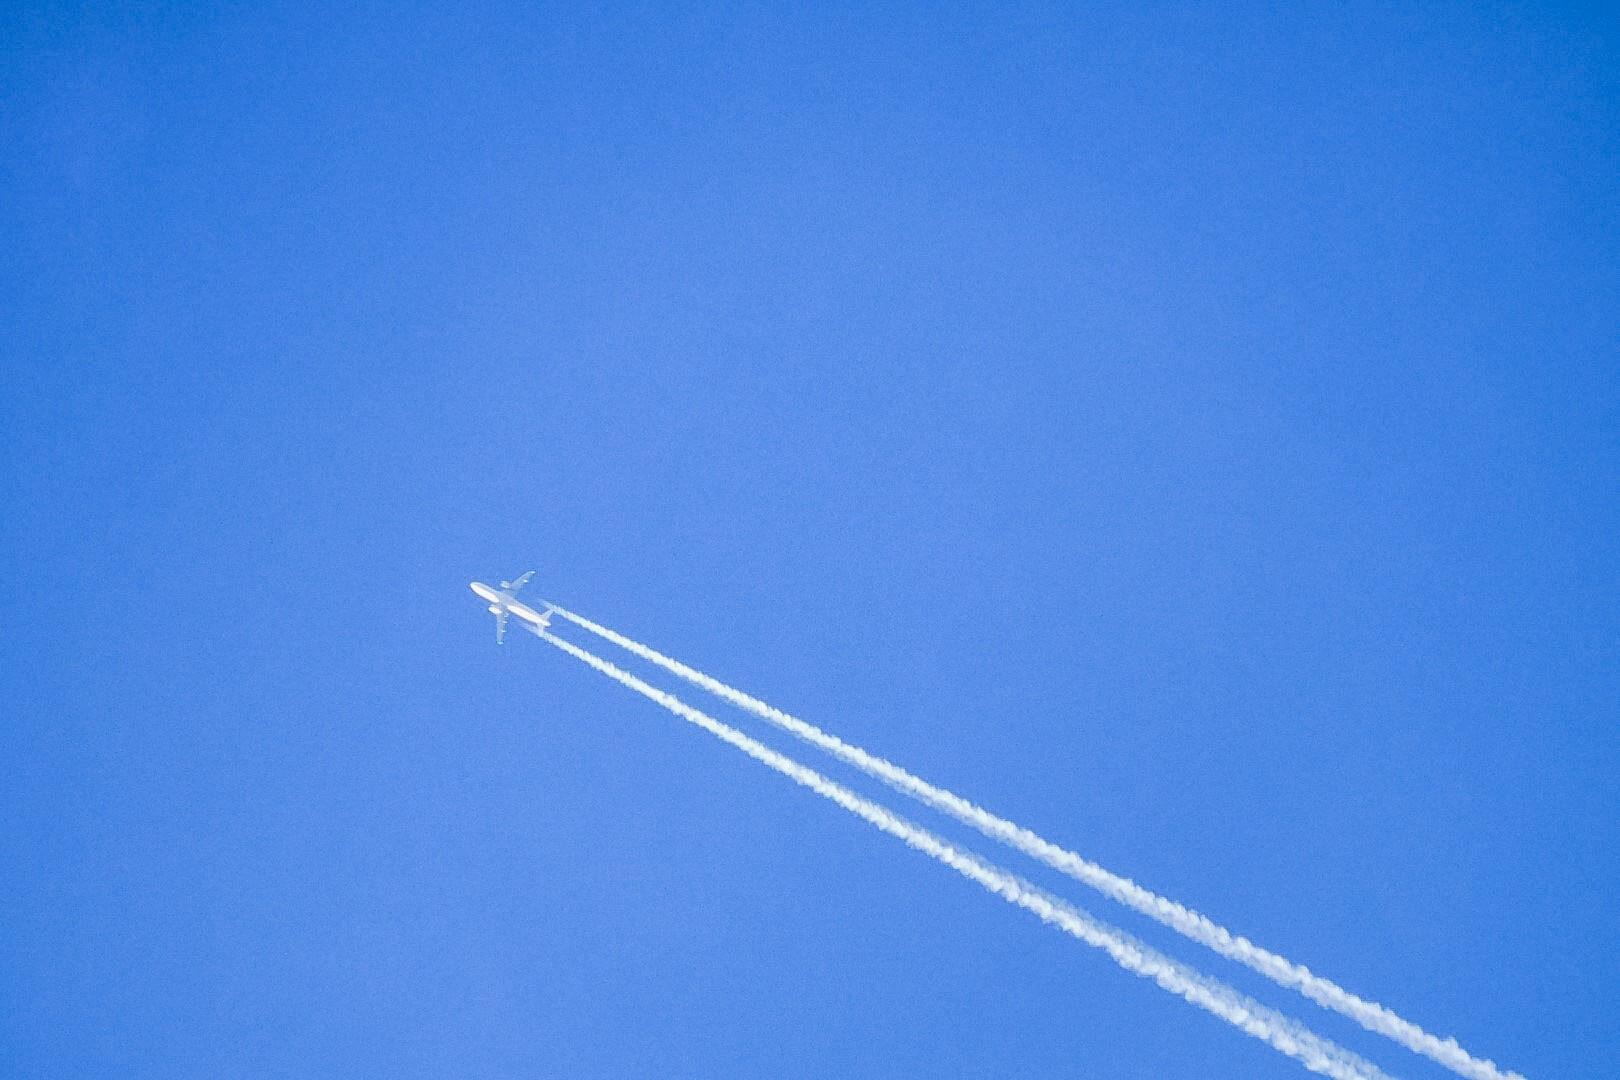 Samolot zostawiający ślady na tle czystego nieba